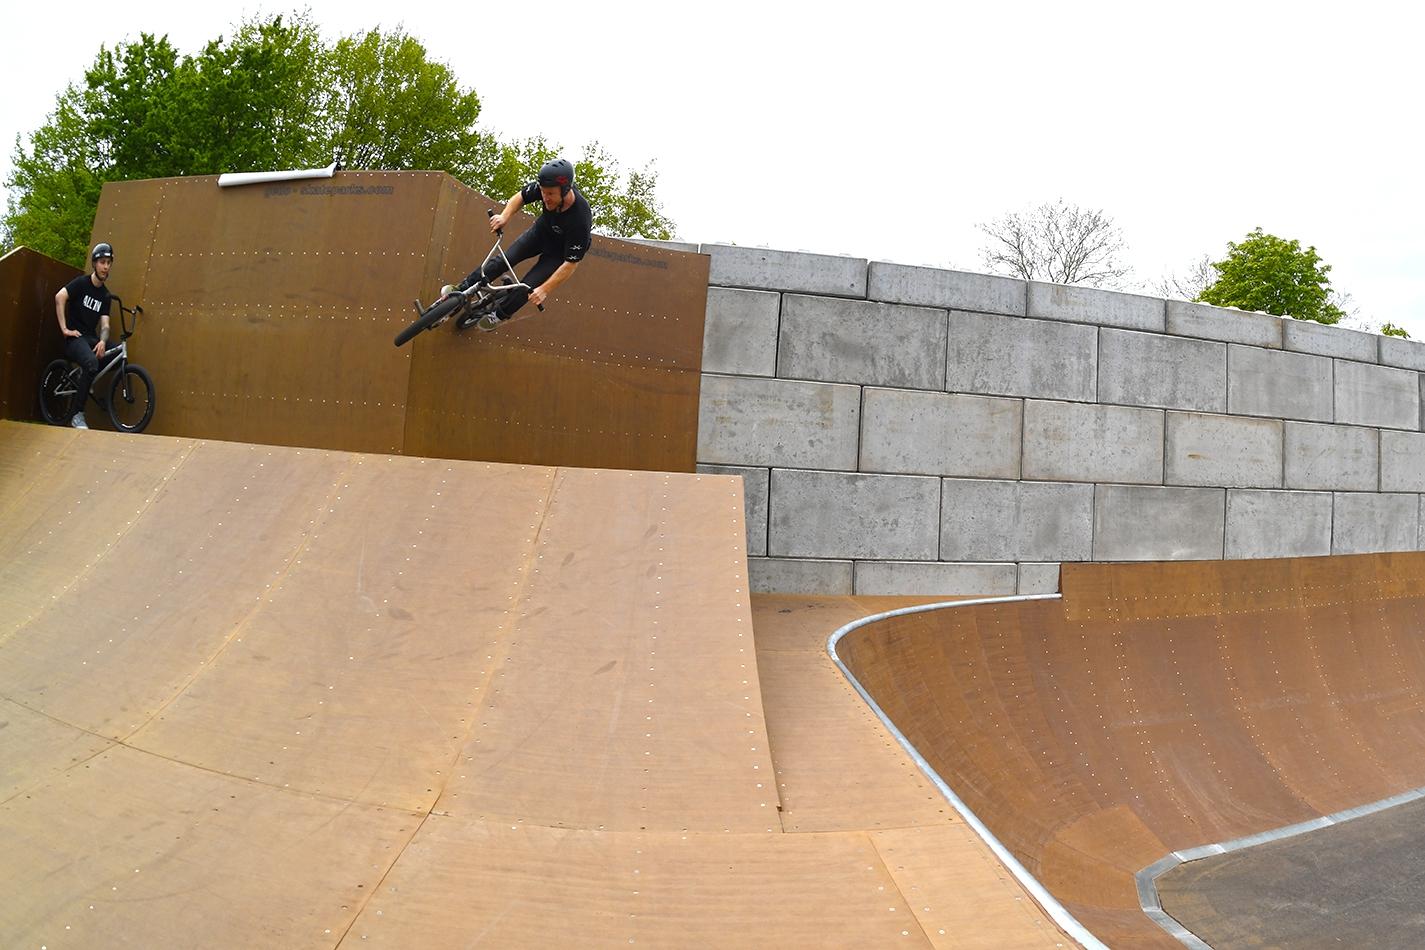 BL_Darmstadt_Bikepark_Testfahrt_Gallery_07